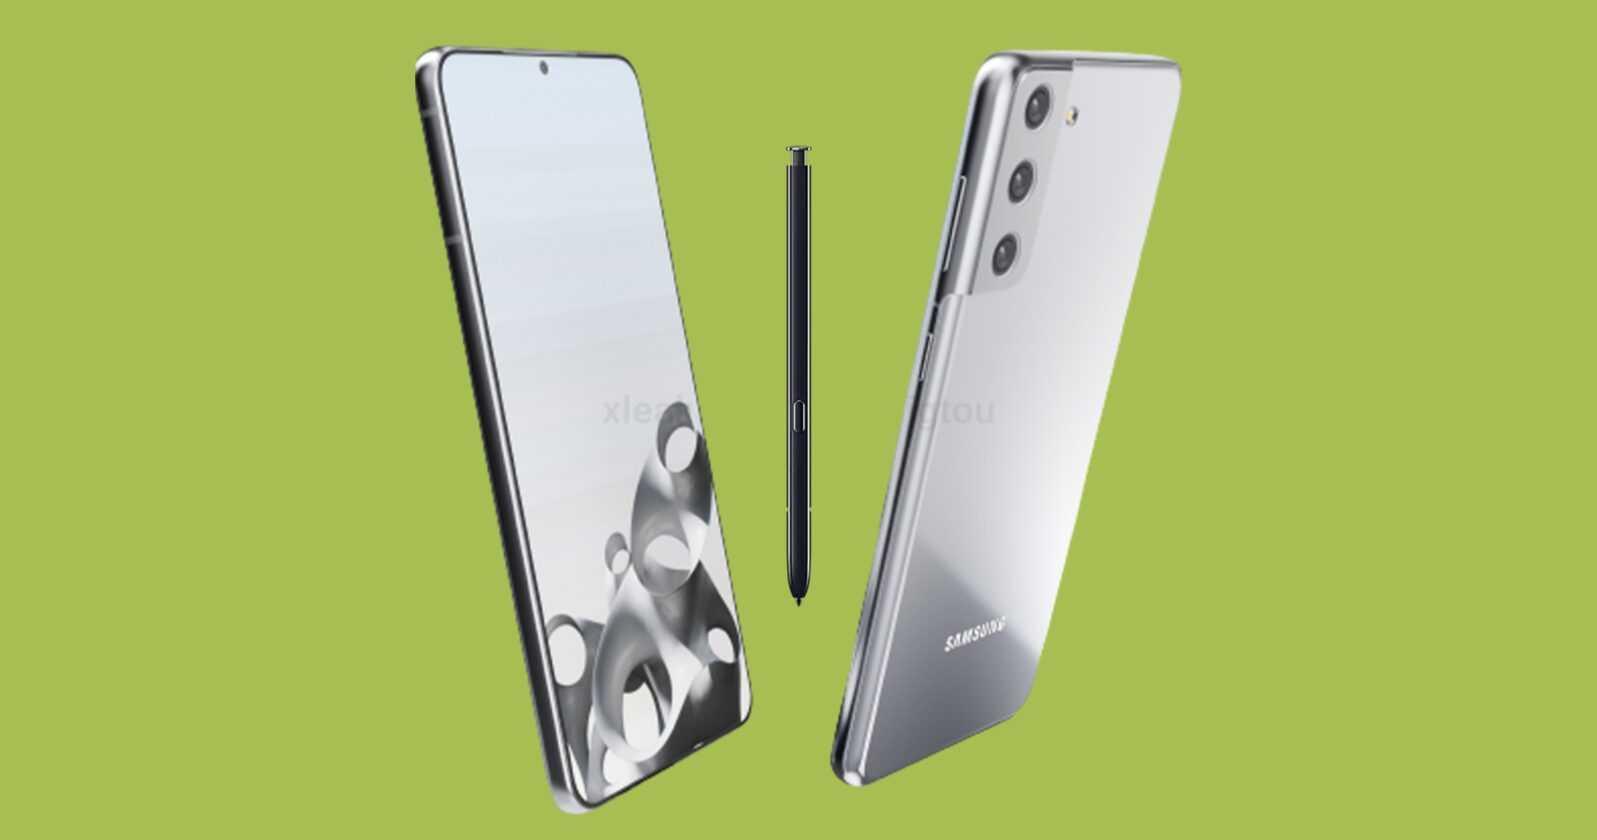 Le Samsung Galaxy S21 serait livré avec un stylet, certifiant ainsi la mort de la famille Note